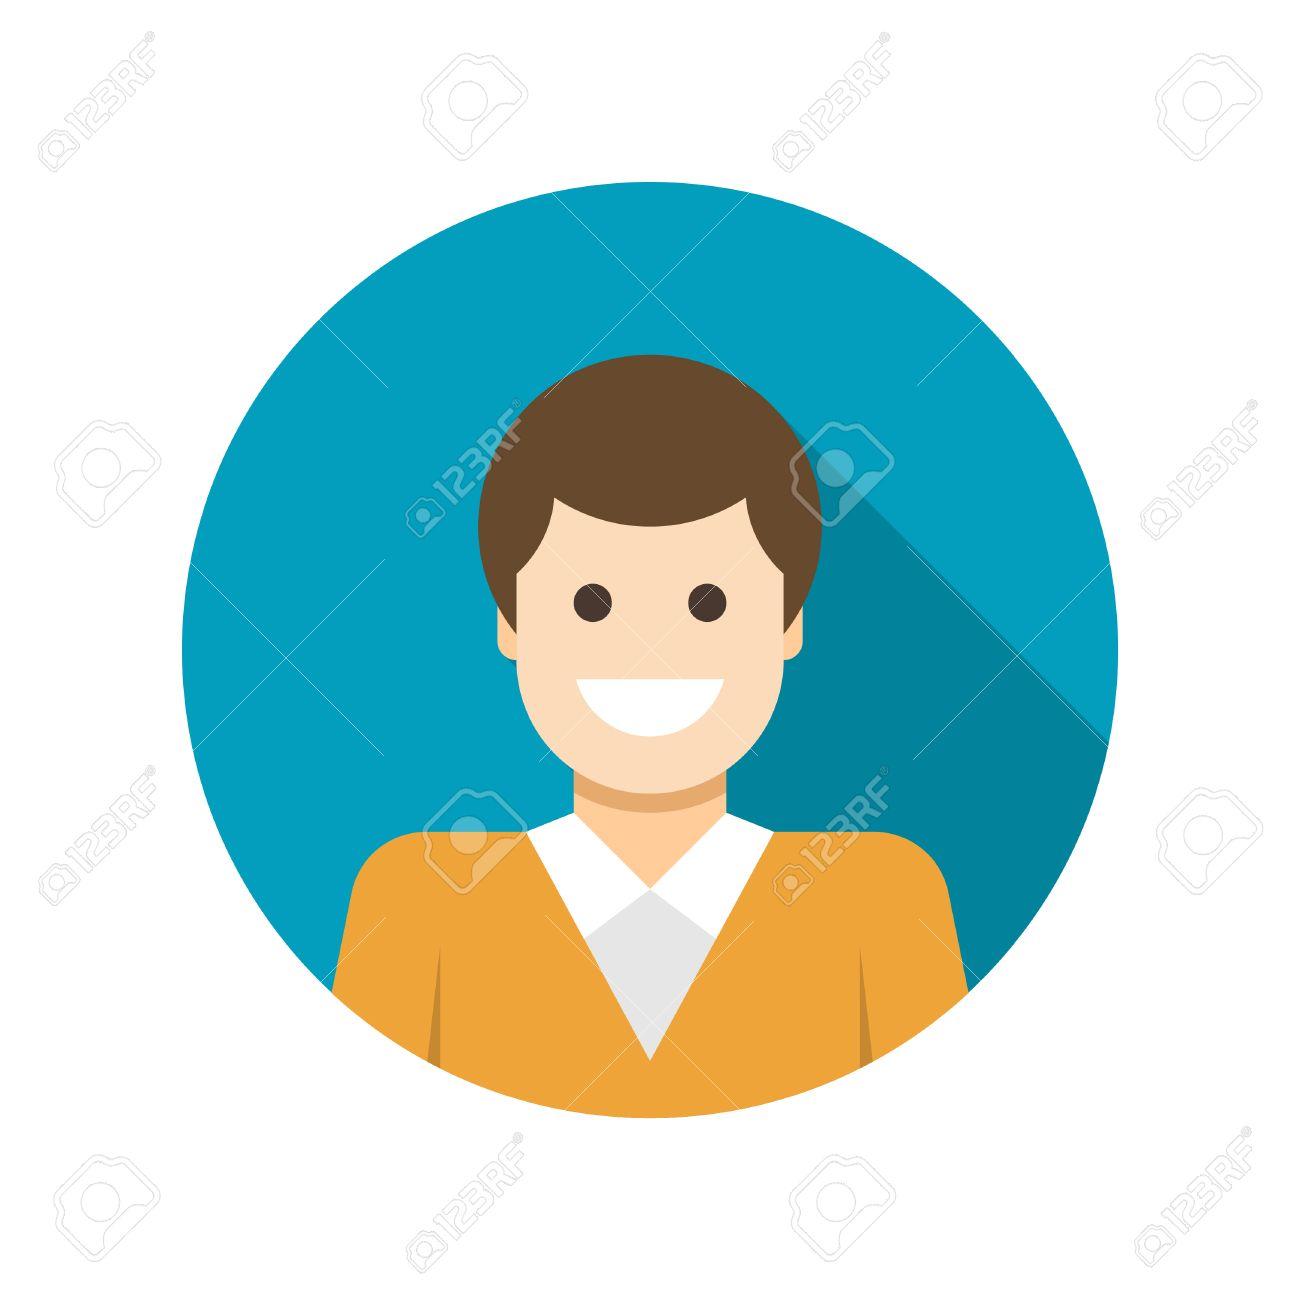 Wohnung Geschaftsmann Benutzerprofil Avatar Icon Design Und Langen Schatten Vektor Illustration Fur Website Und Werbefahnen Lizenzfrei Nutzbare Vektorgrafiken Clip Arts Illustrationen Image 37008789